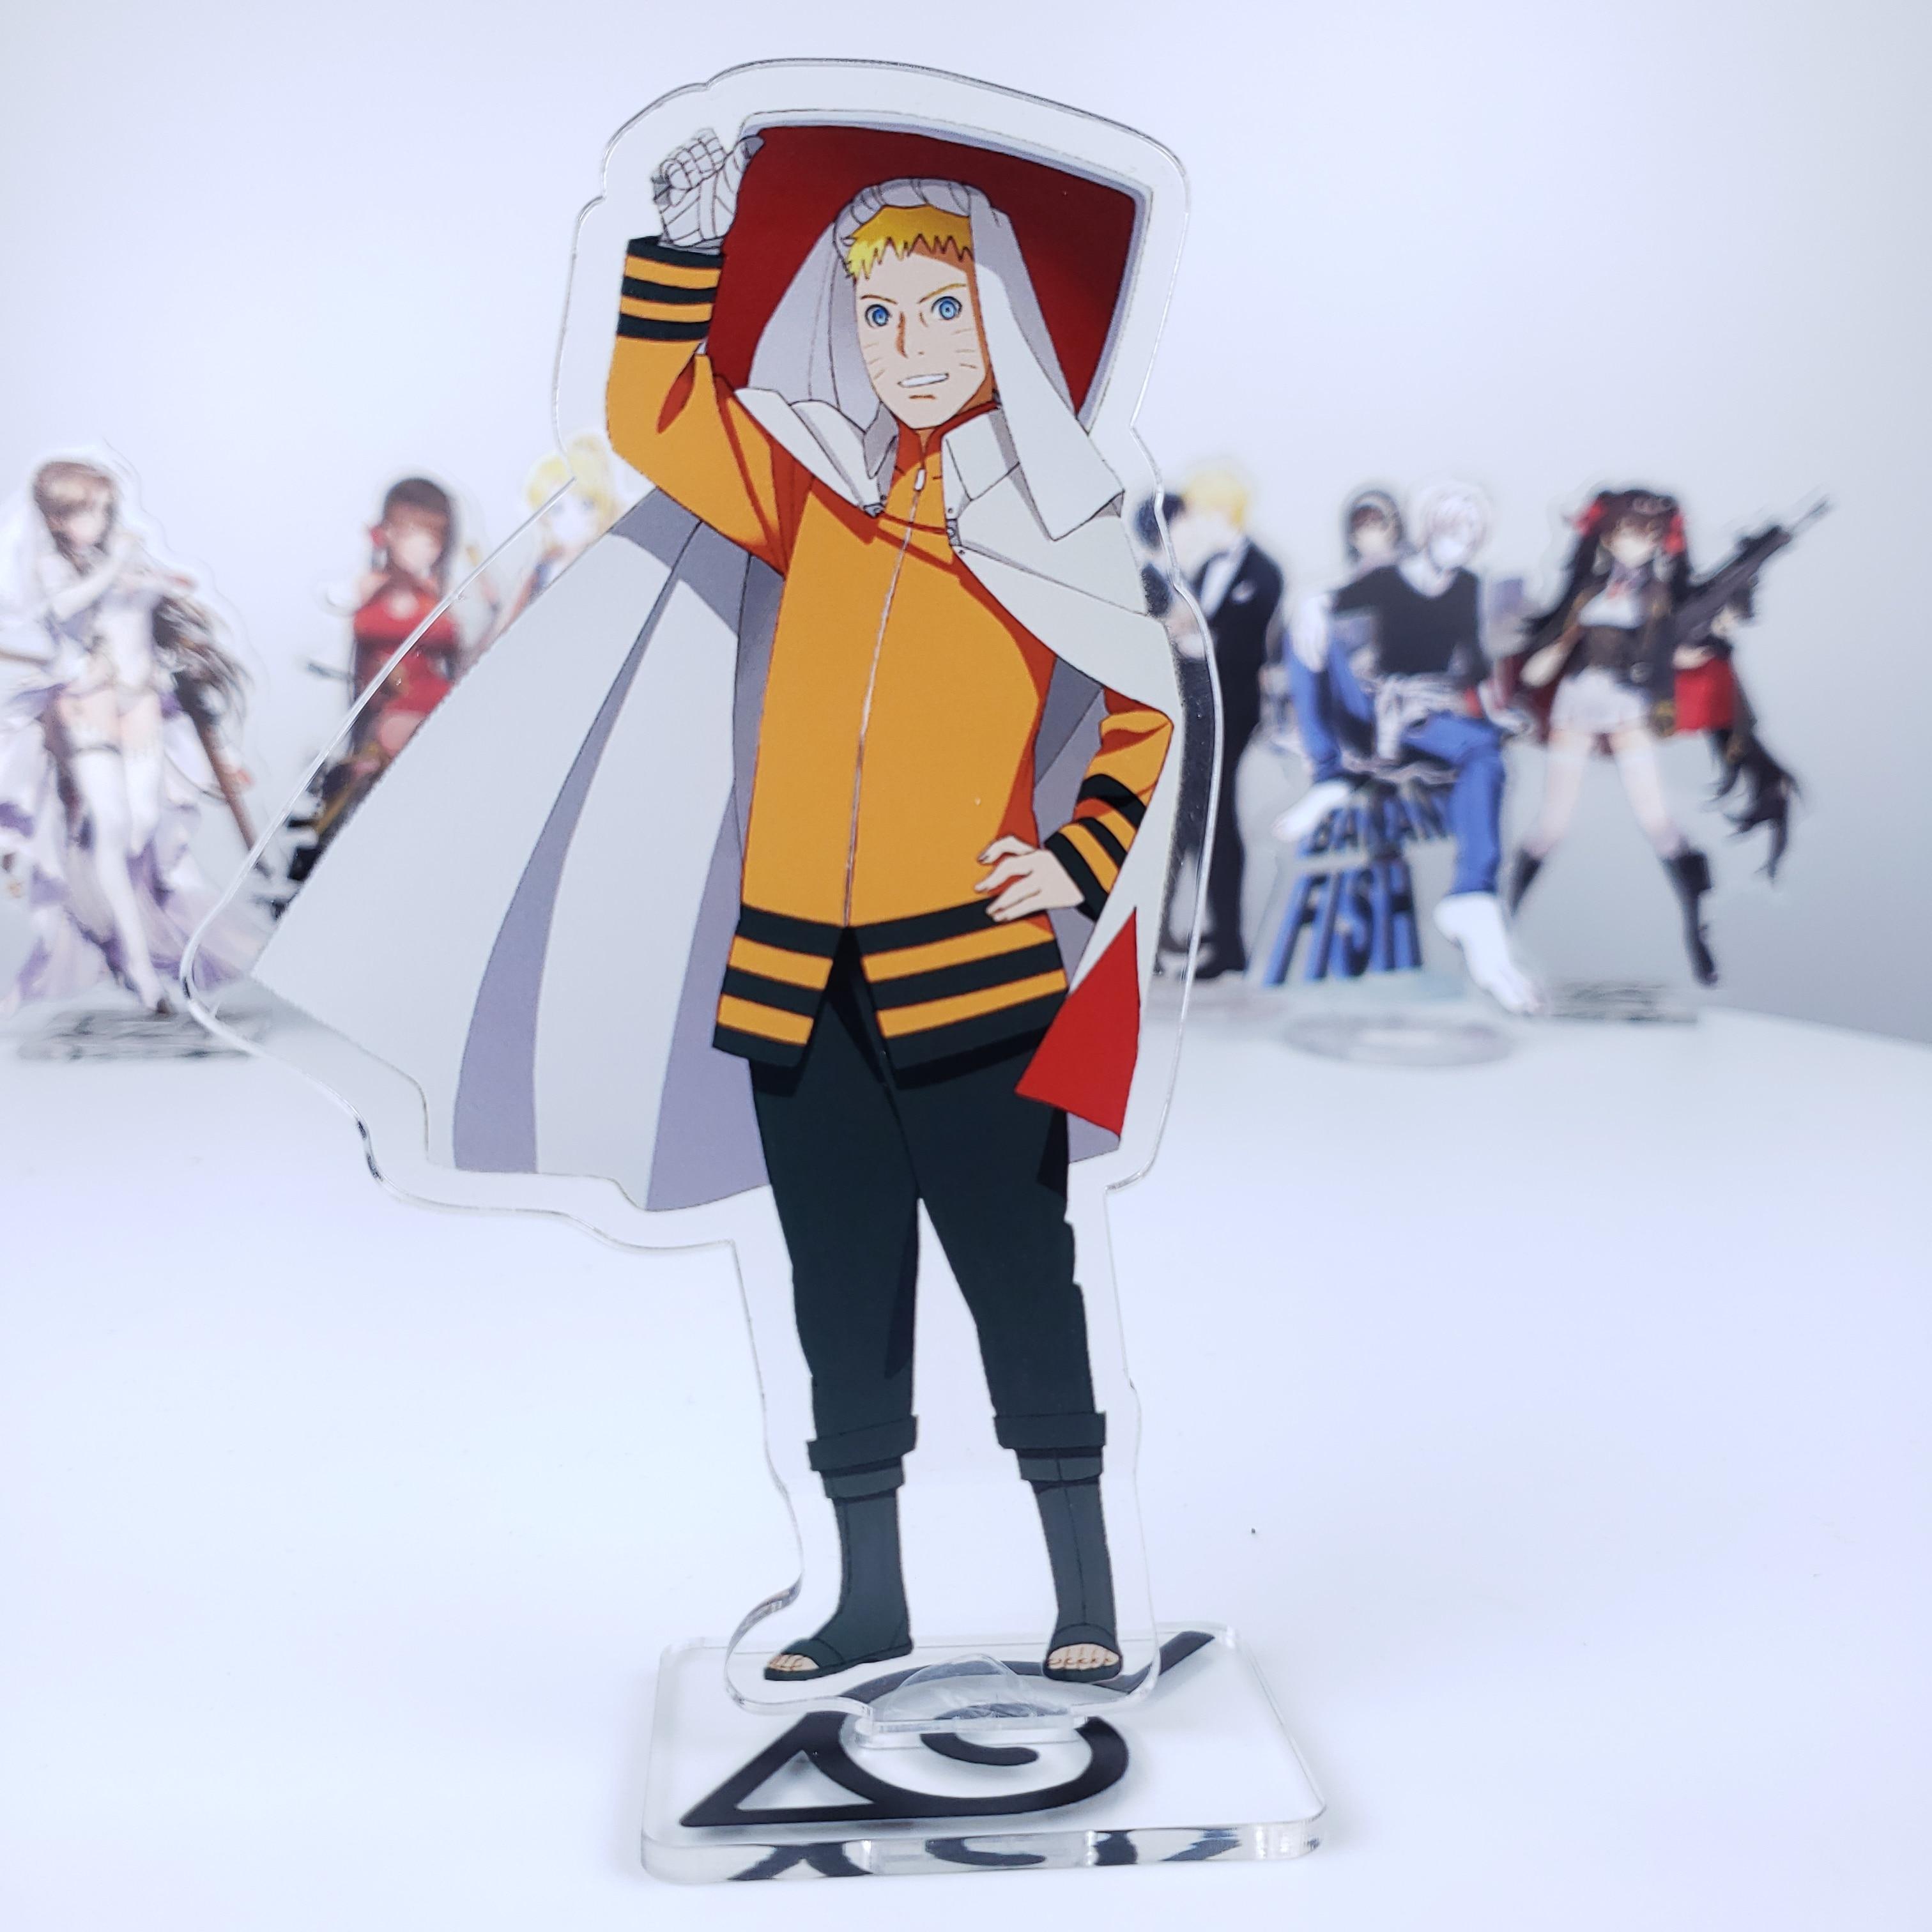 Anime Naruto Hyuga Hinata Acrylic Stand Figure Collection Decor Figure Gift 15cm